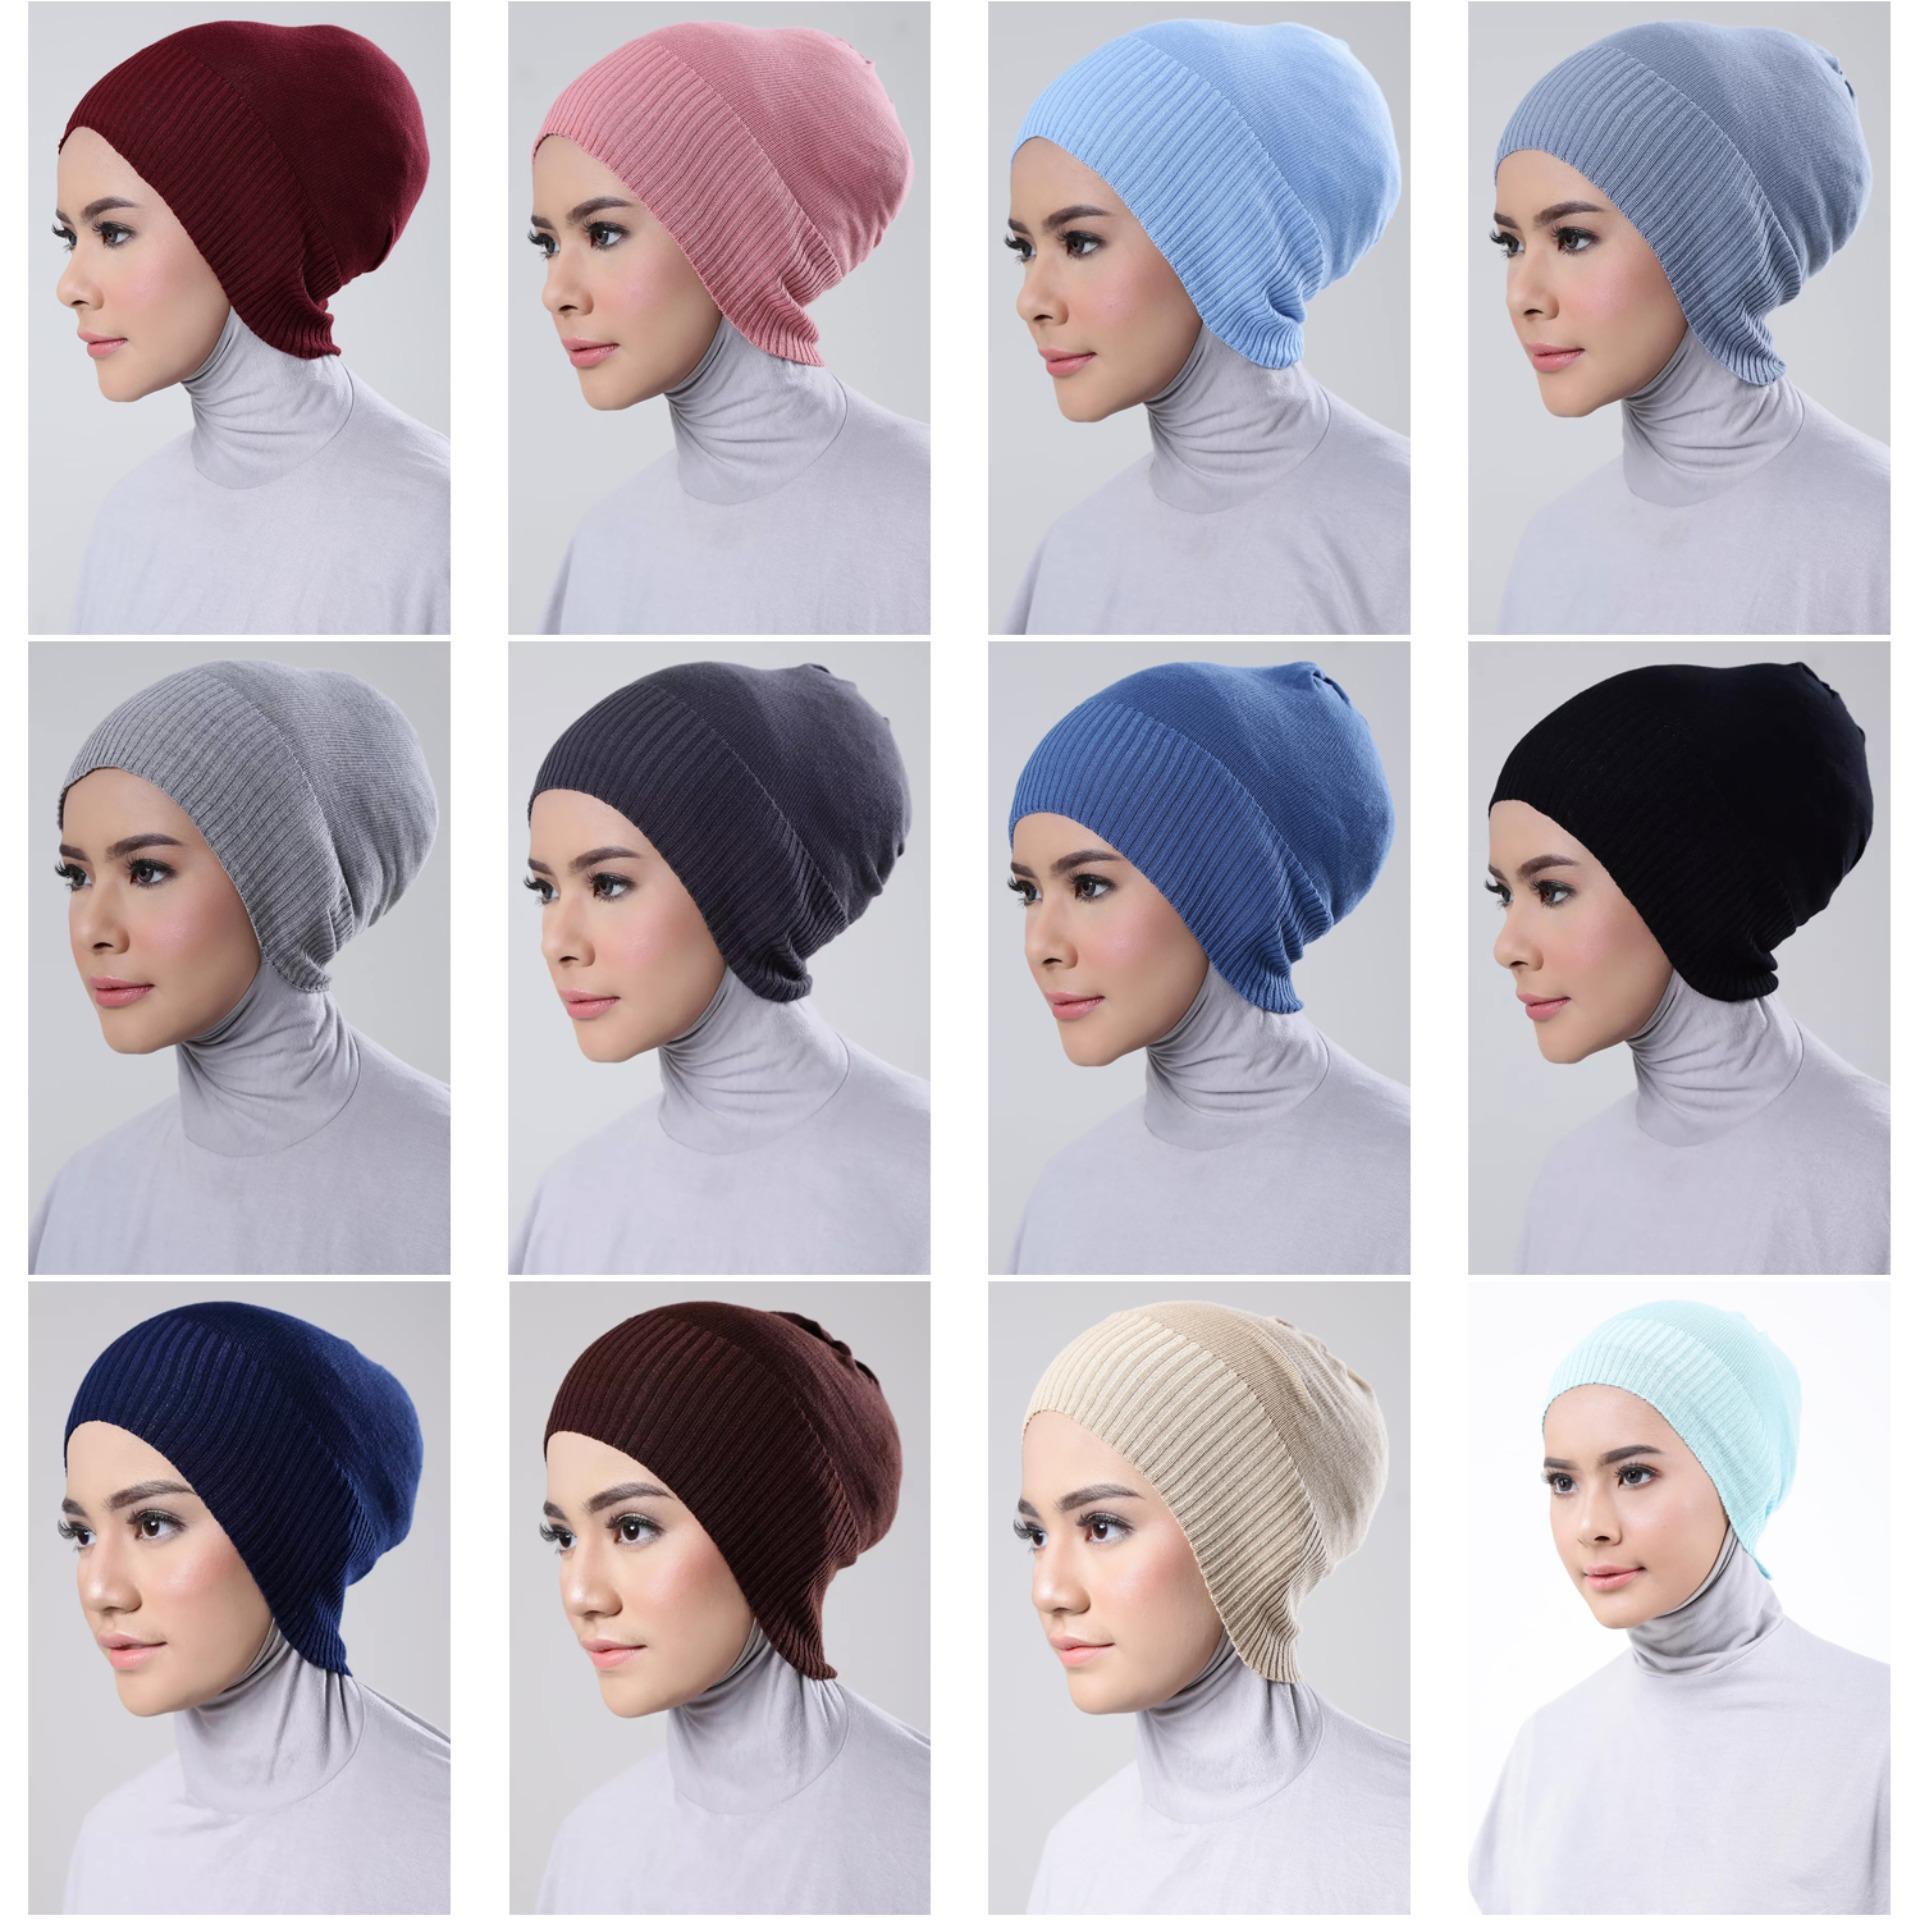 Inner Hijab ciput rajut anti pusing _ Isi 6Pcs (bebas pilih warna). + FREE 1 Pcs